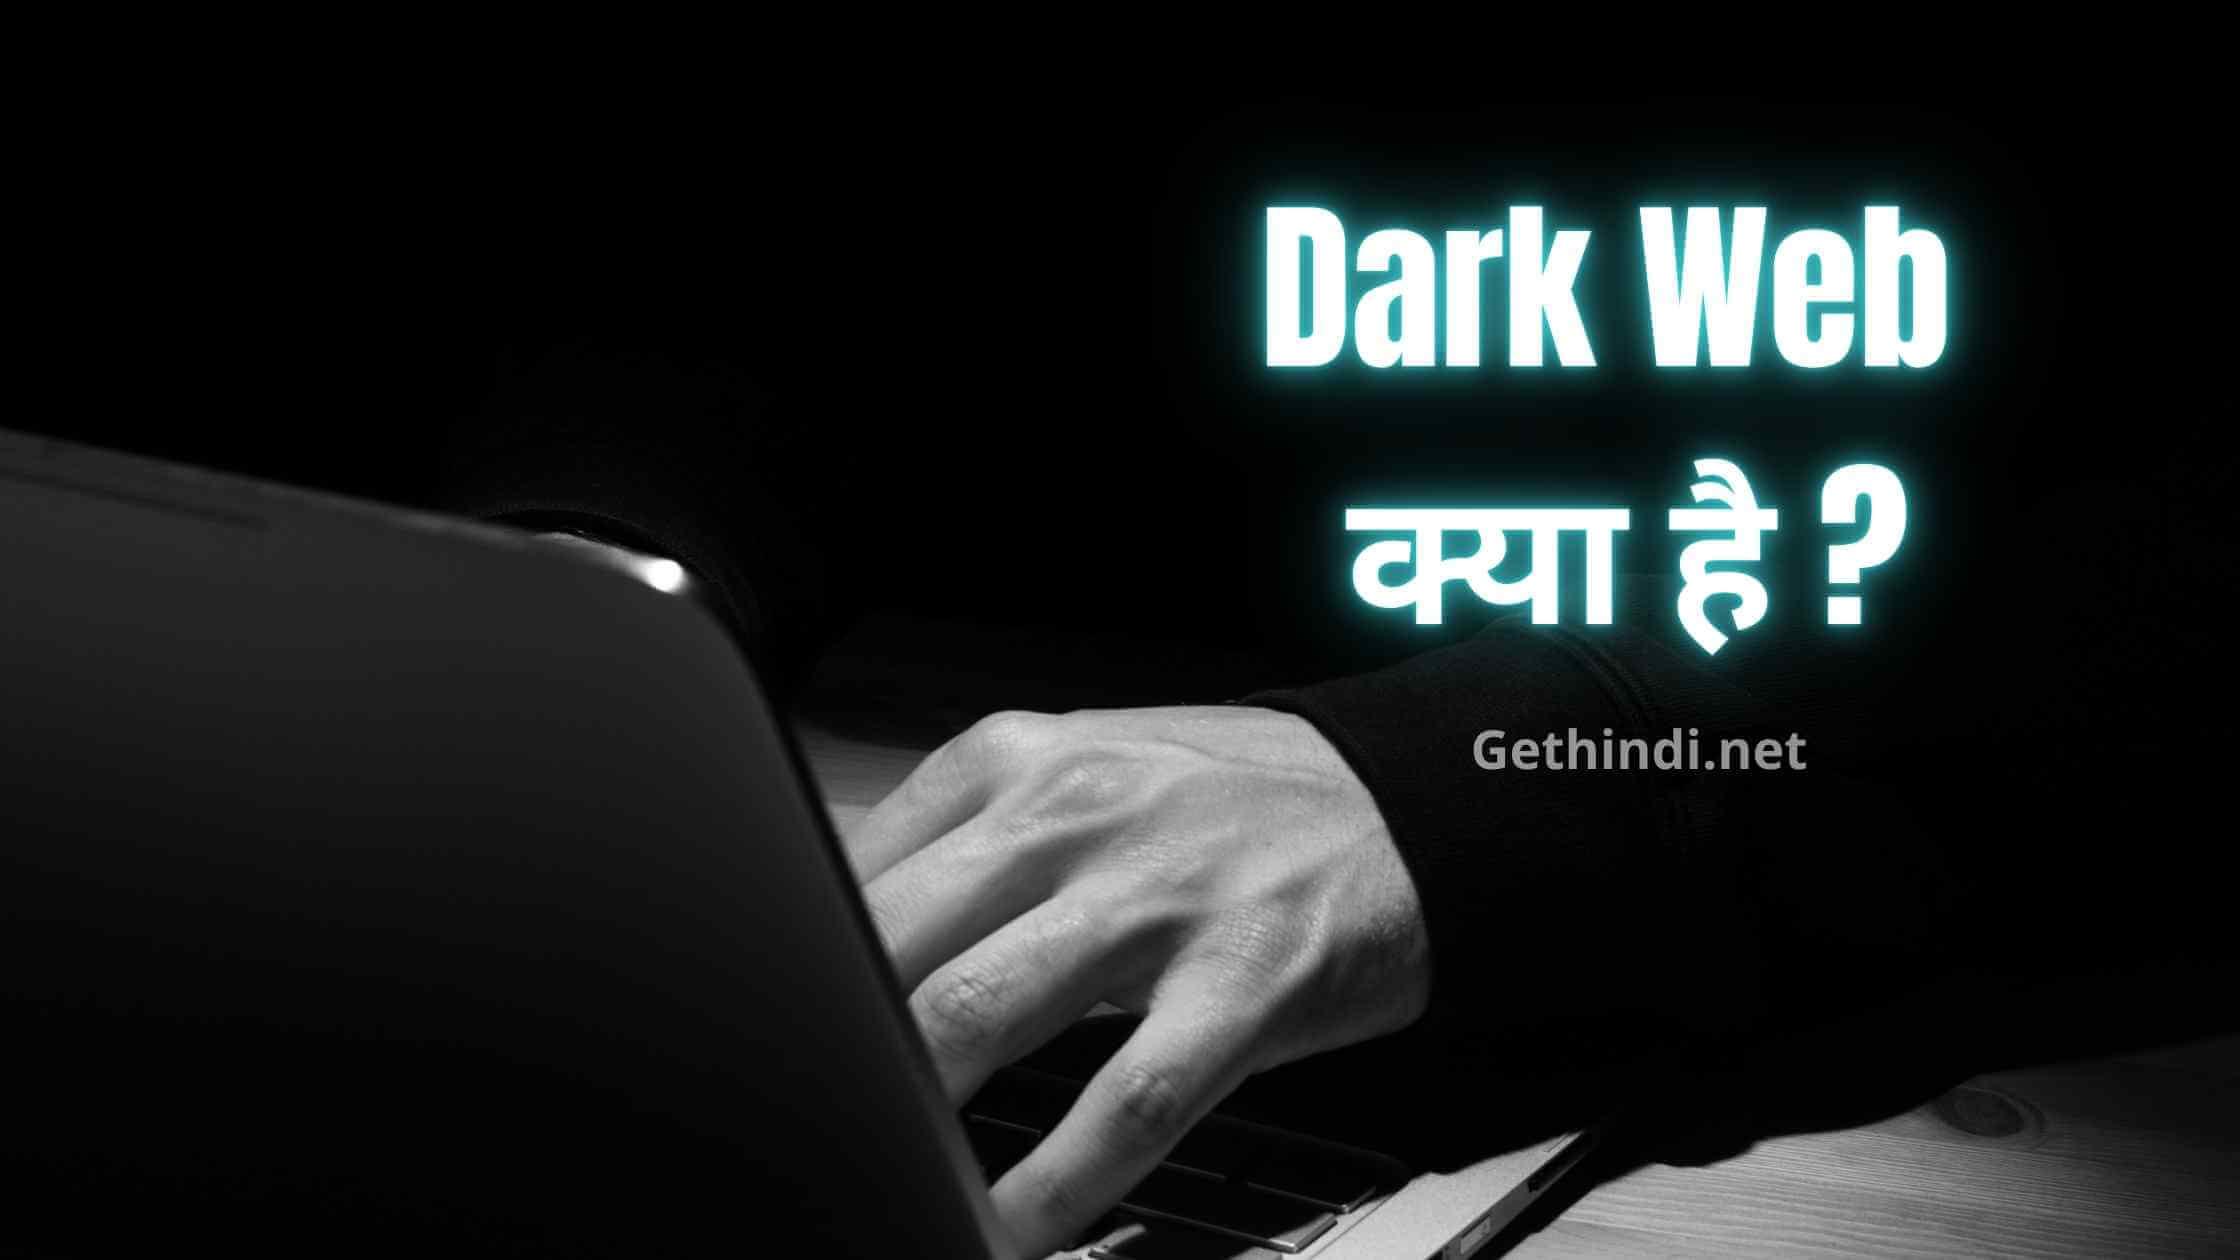 Dark Web kya hai और डार्क वेब कैसे काम करता है जानिए हिंदी में